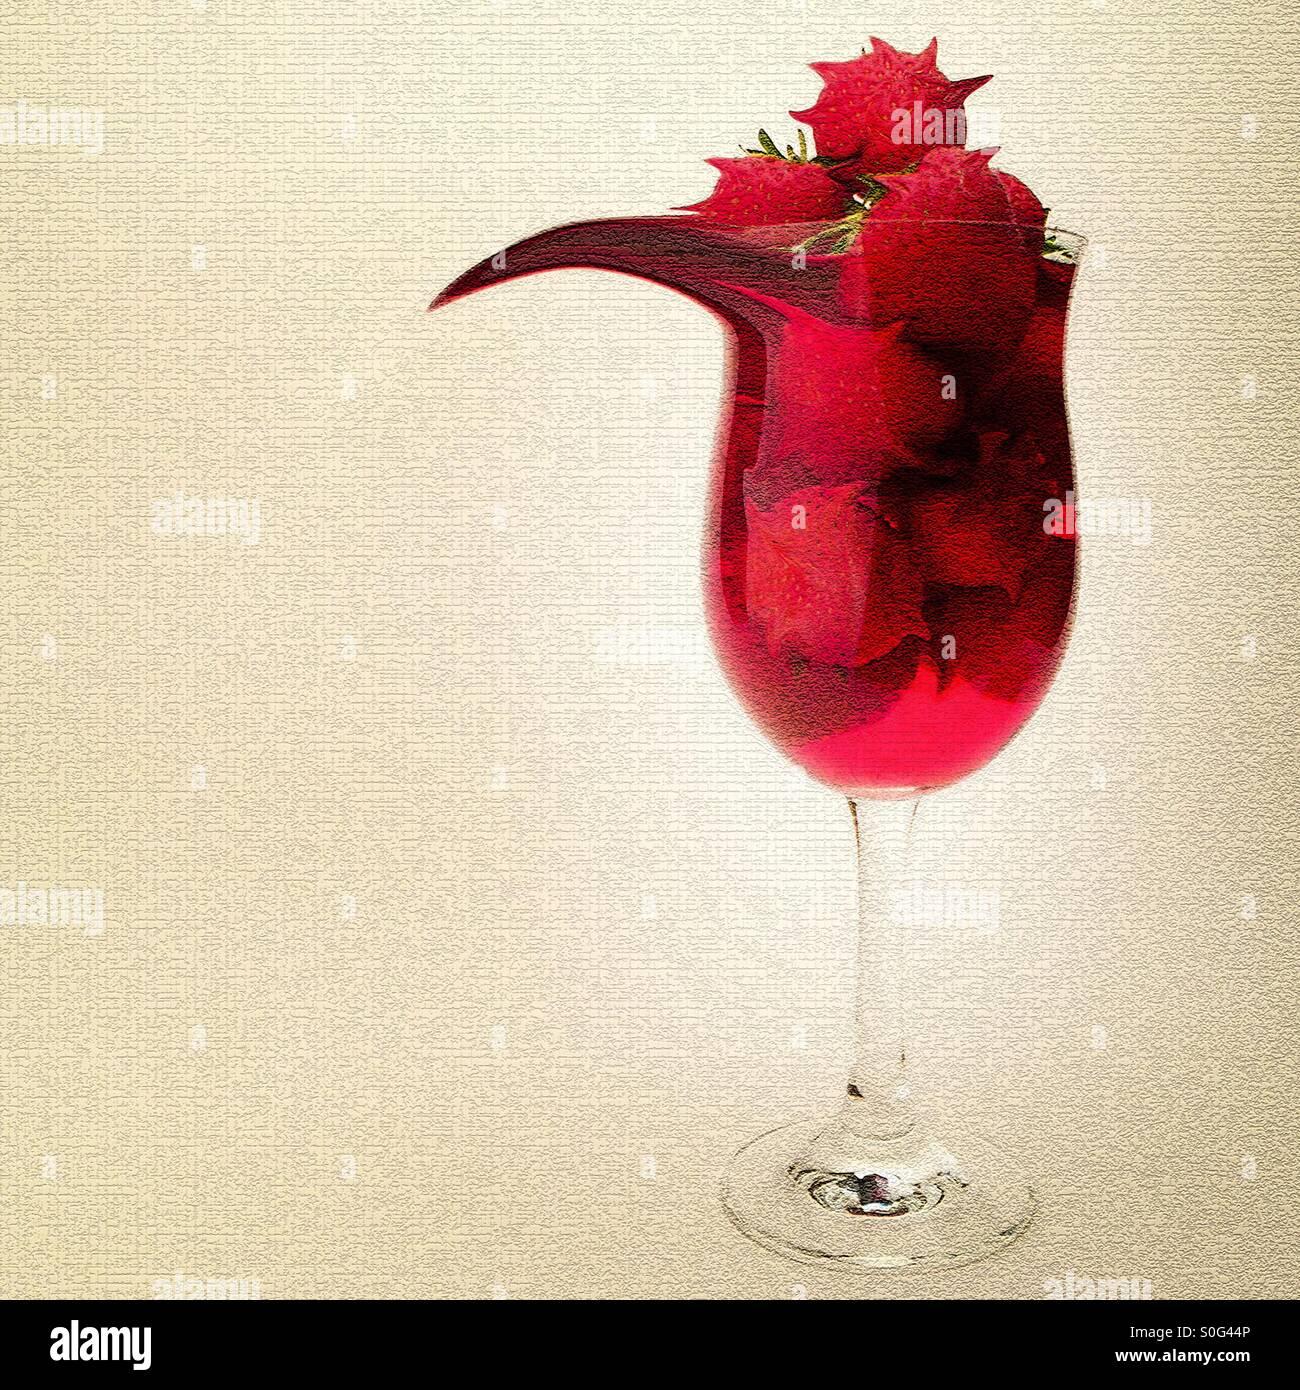 Surreale immagine manipolata che mostra le fragole e il succo in un bicchiere alto. Immagini Stock